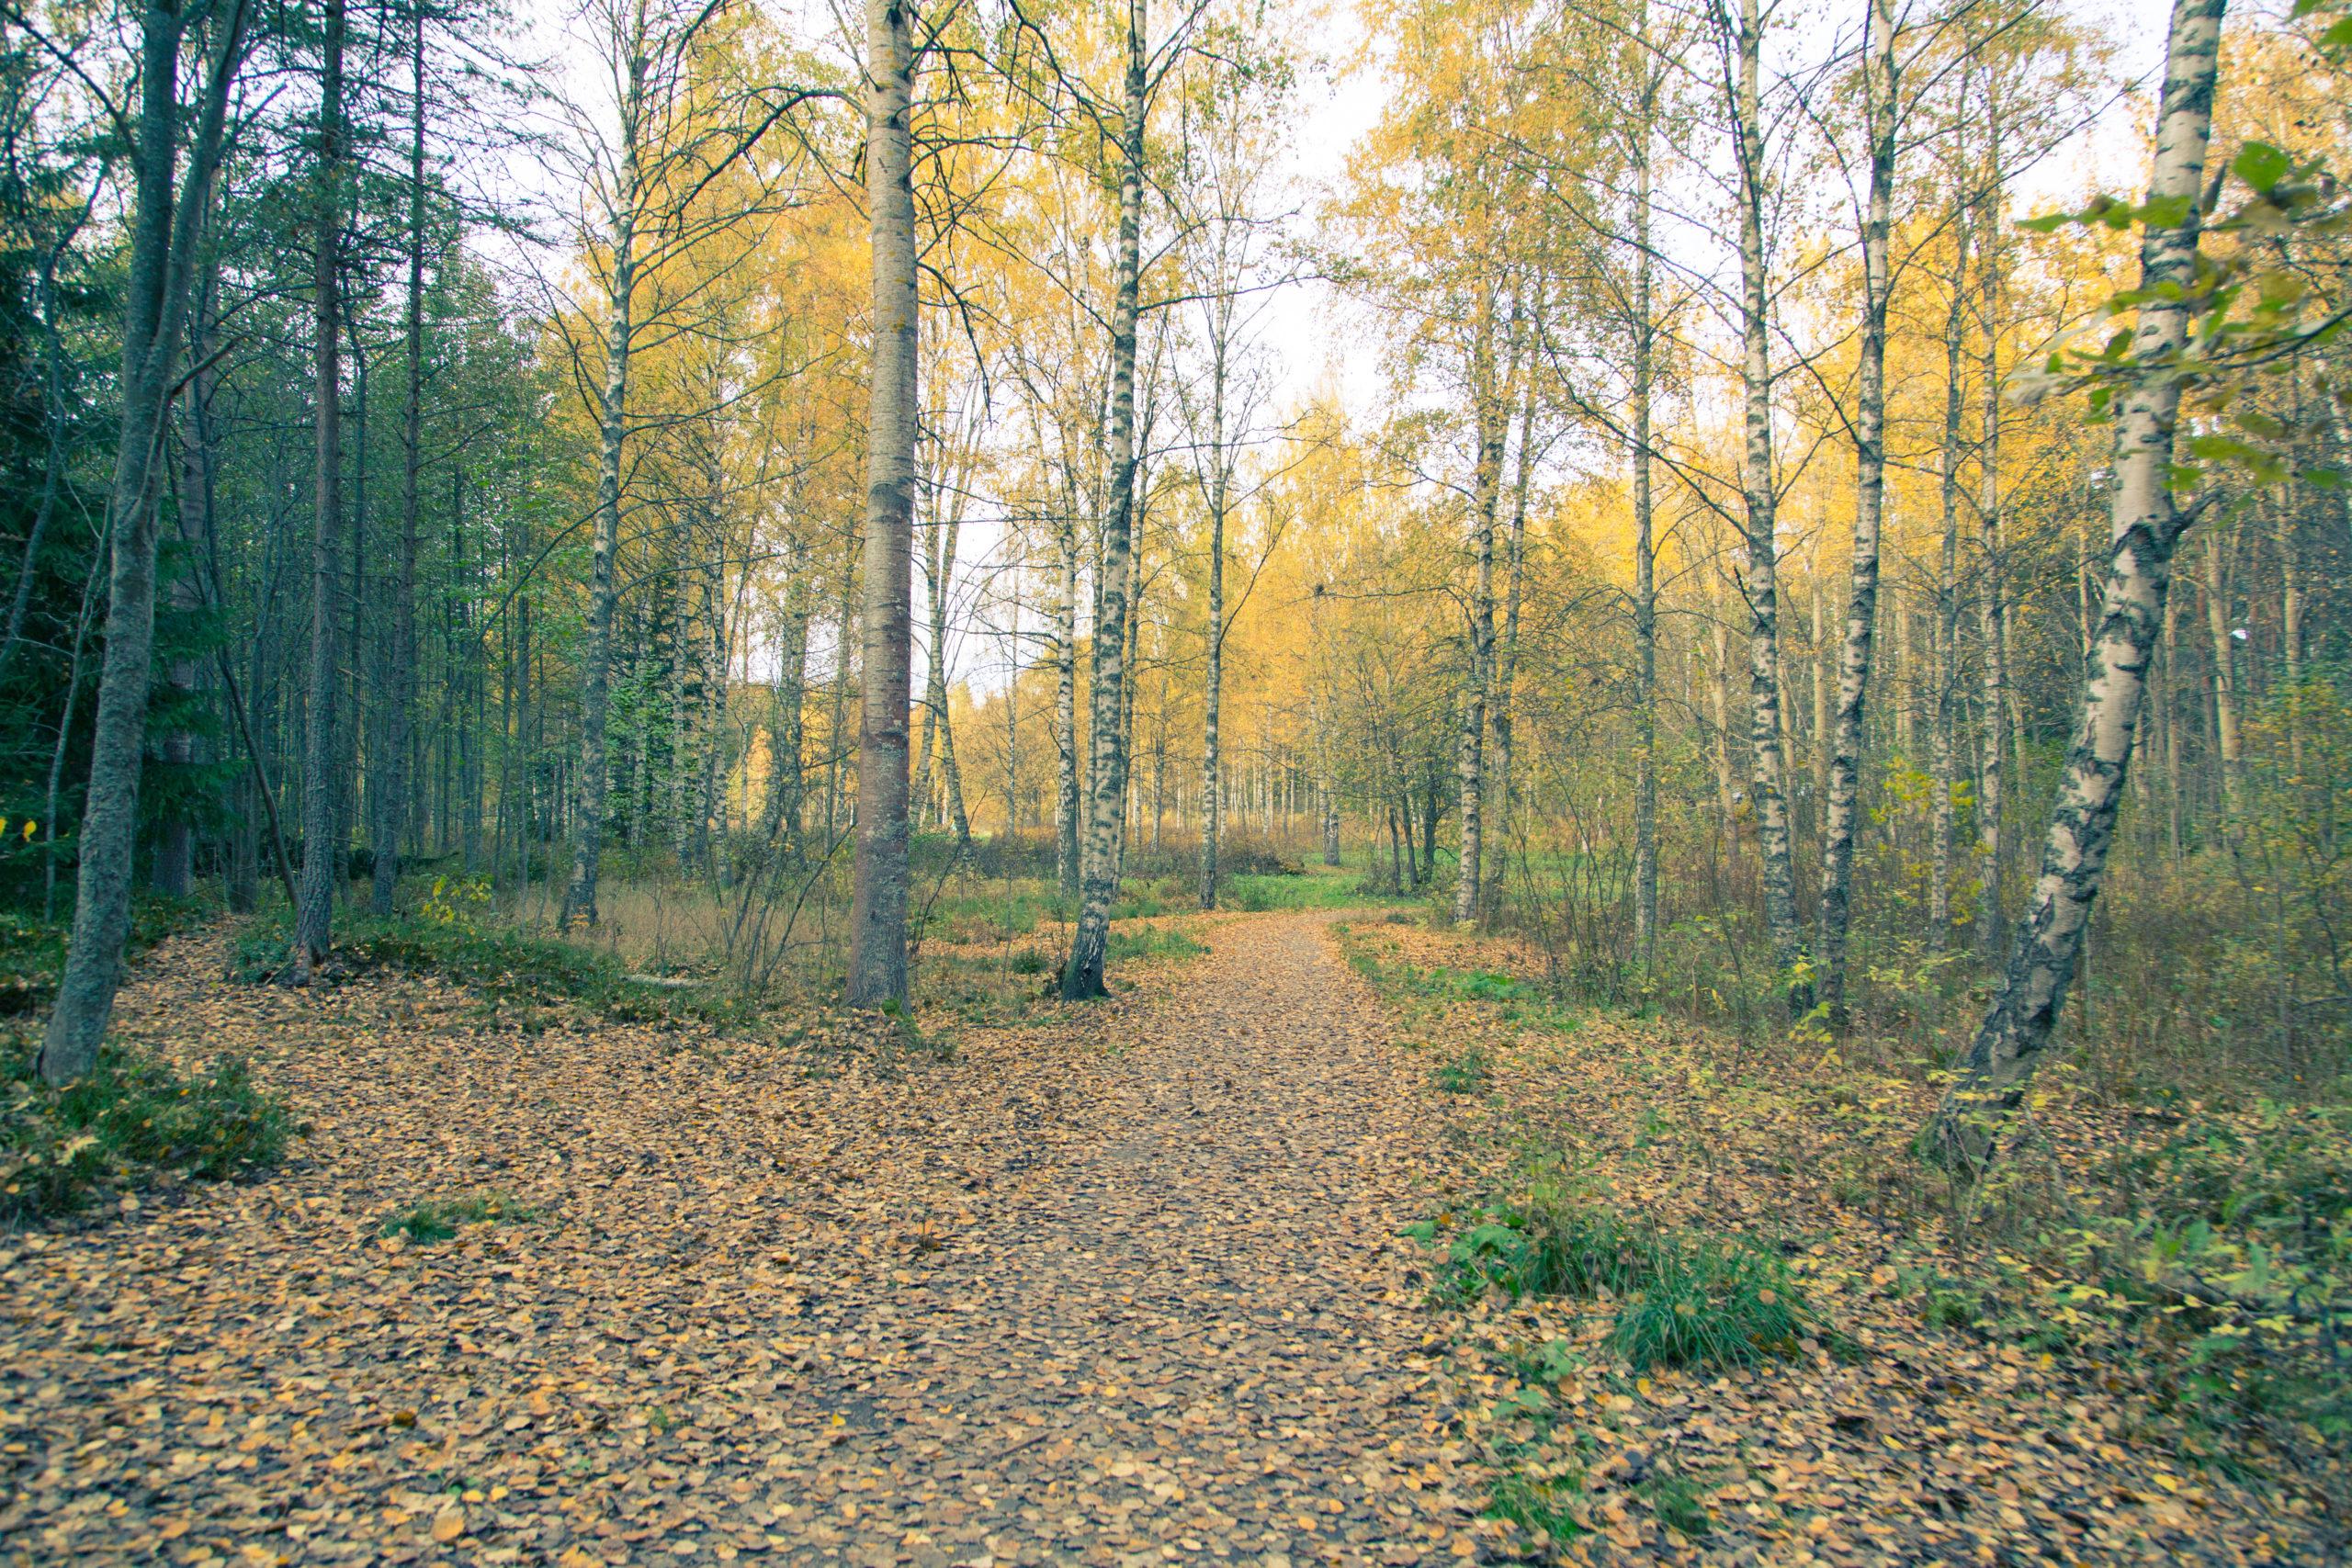 Ruskainen lehtipuu metsä. Puiden lehdet kirkkaan keltaisia.